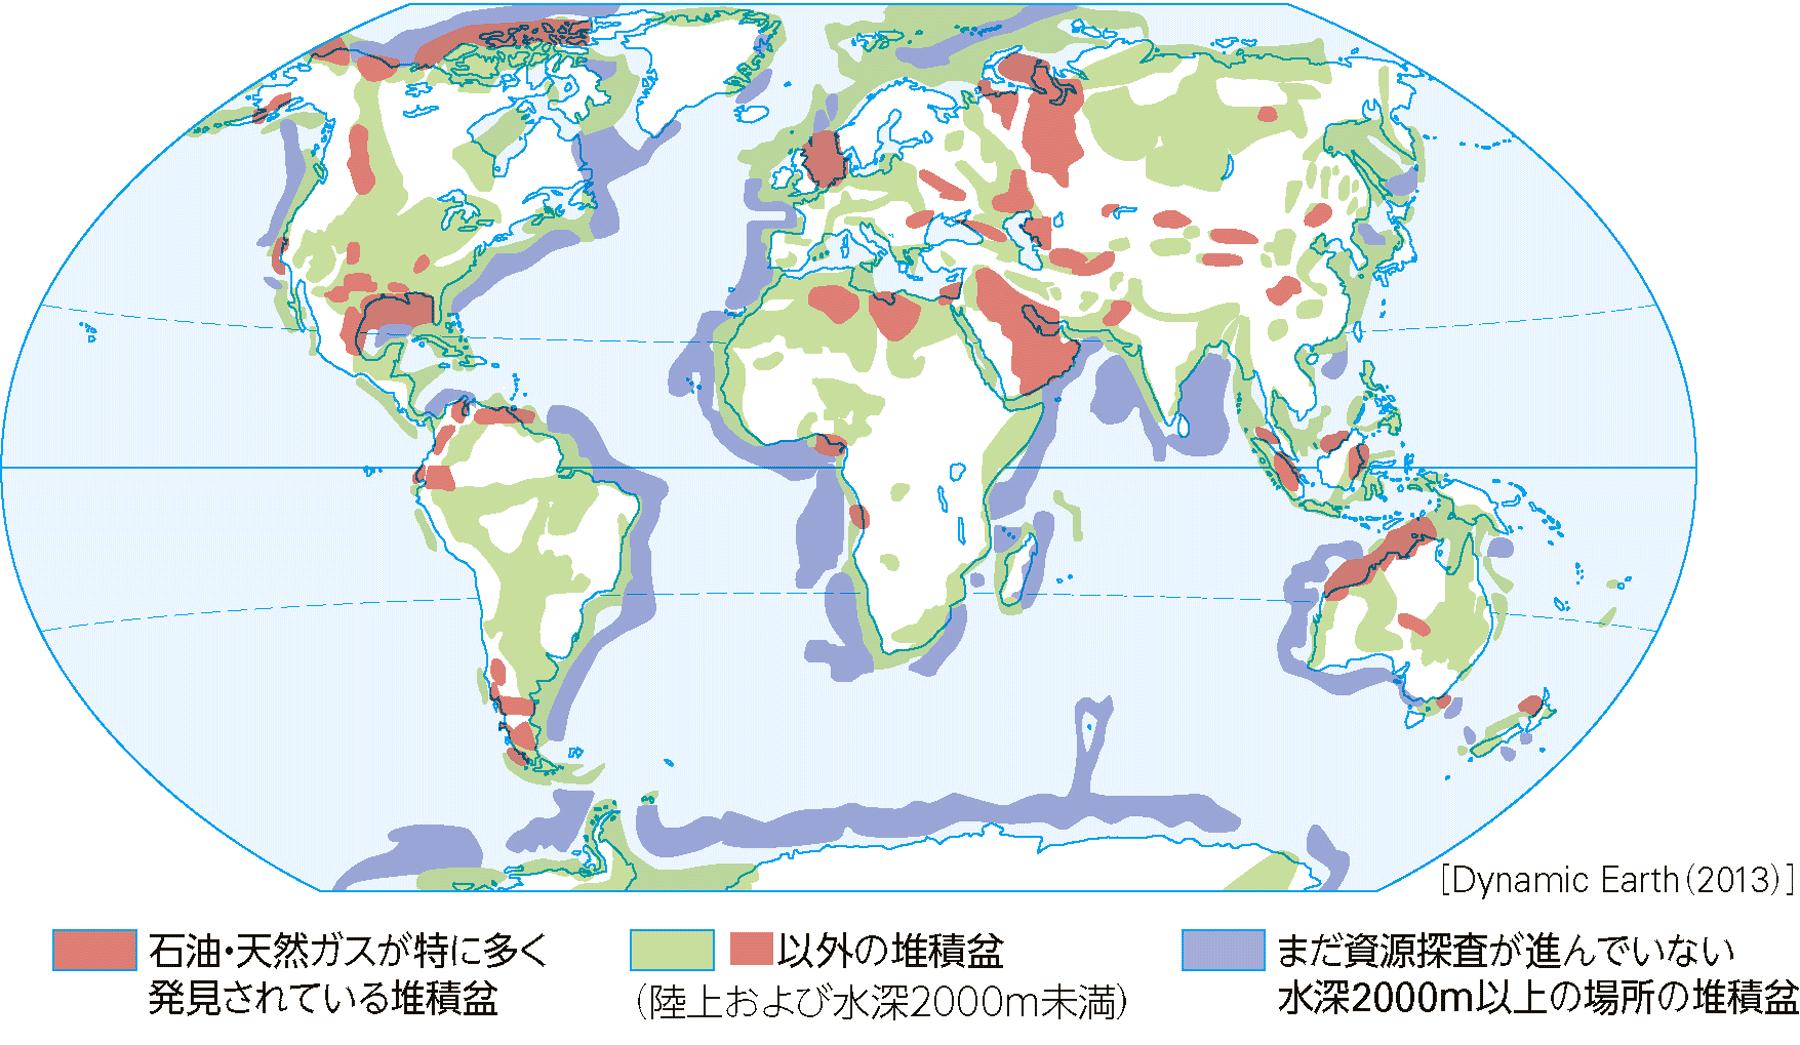 堆積物からなる厚い地層が分布する地域(=堆積盆)